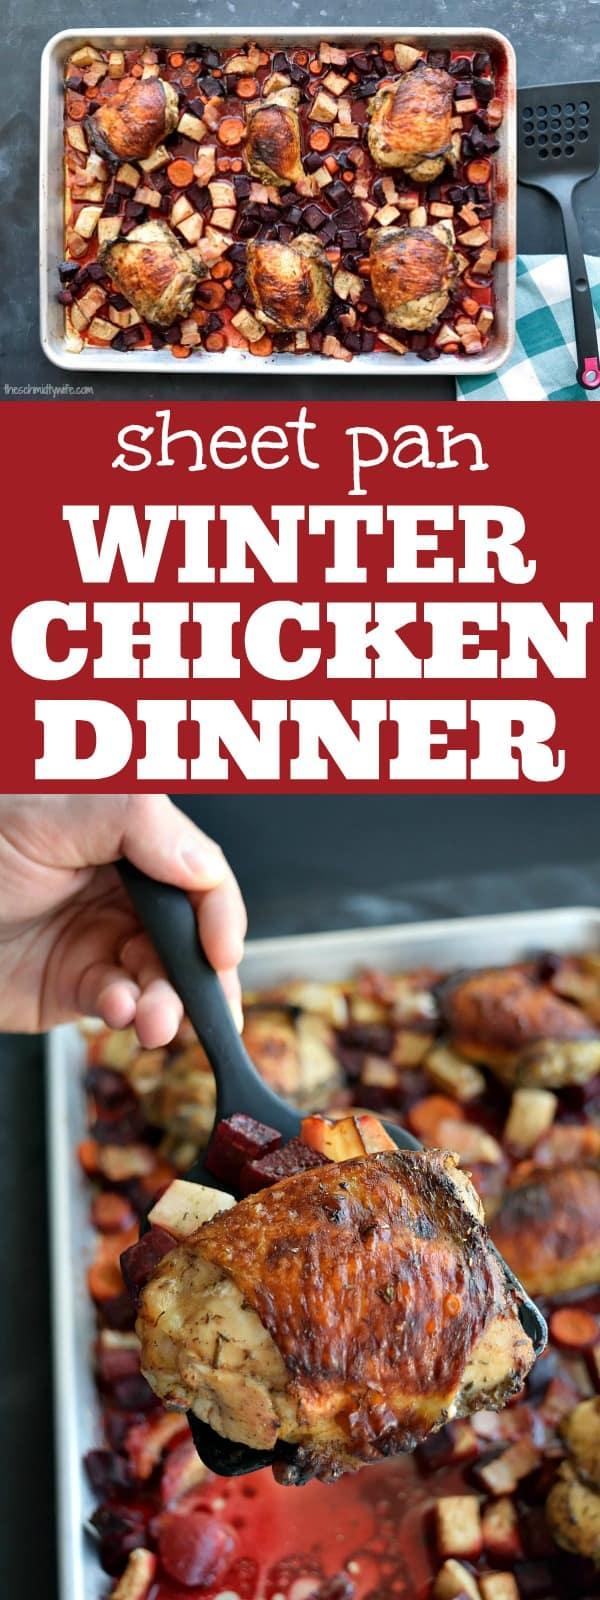 Sheet Pan Winter Chicken Dinner